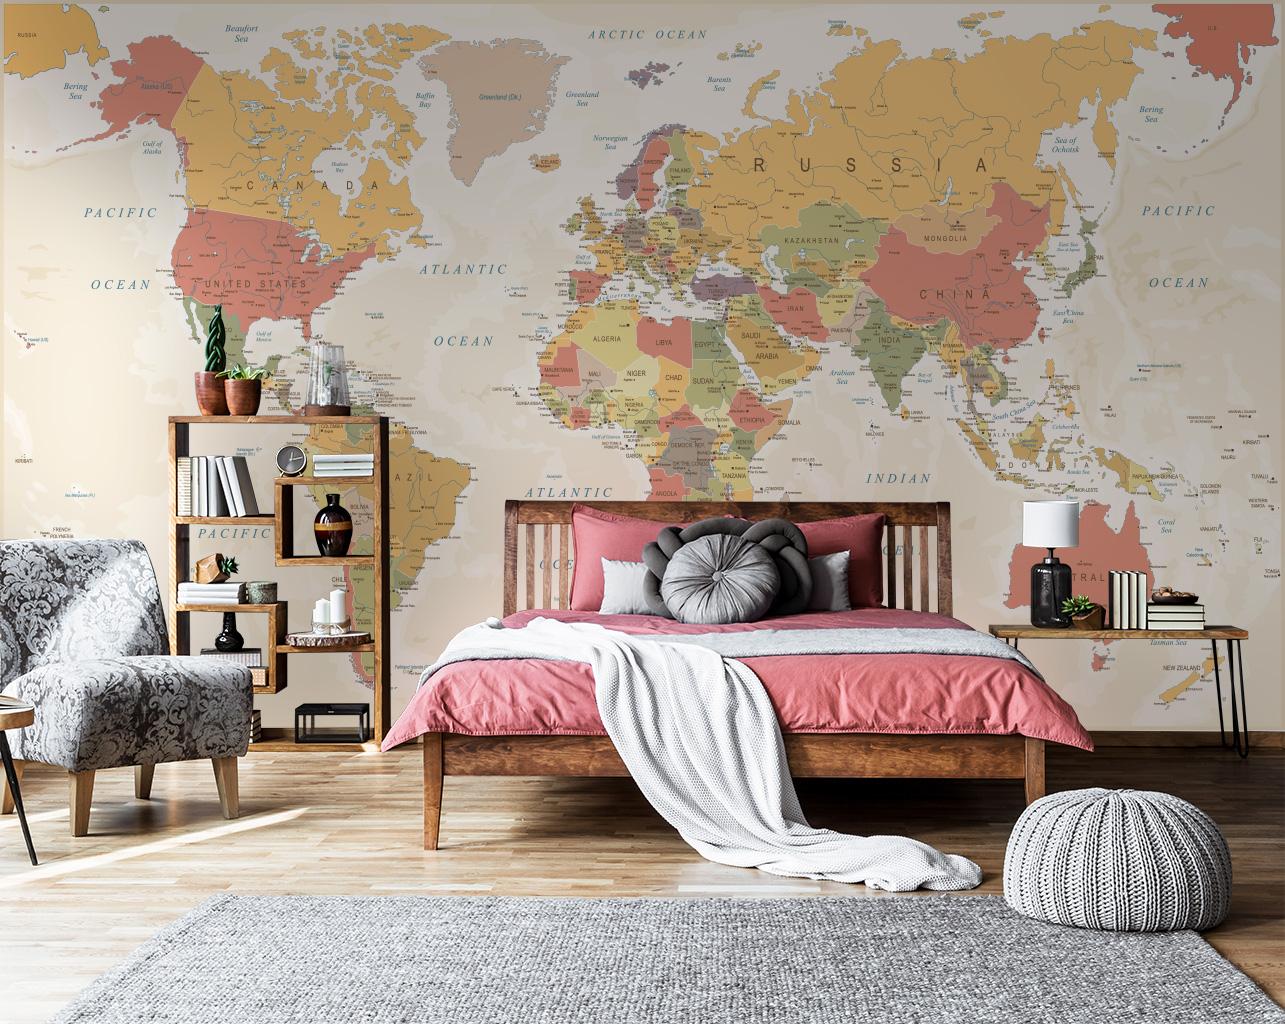 Fototapeta z mapą do Twojego domu – jaką wybrać?